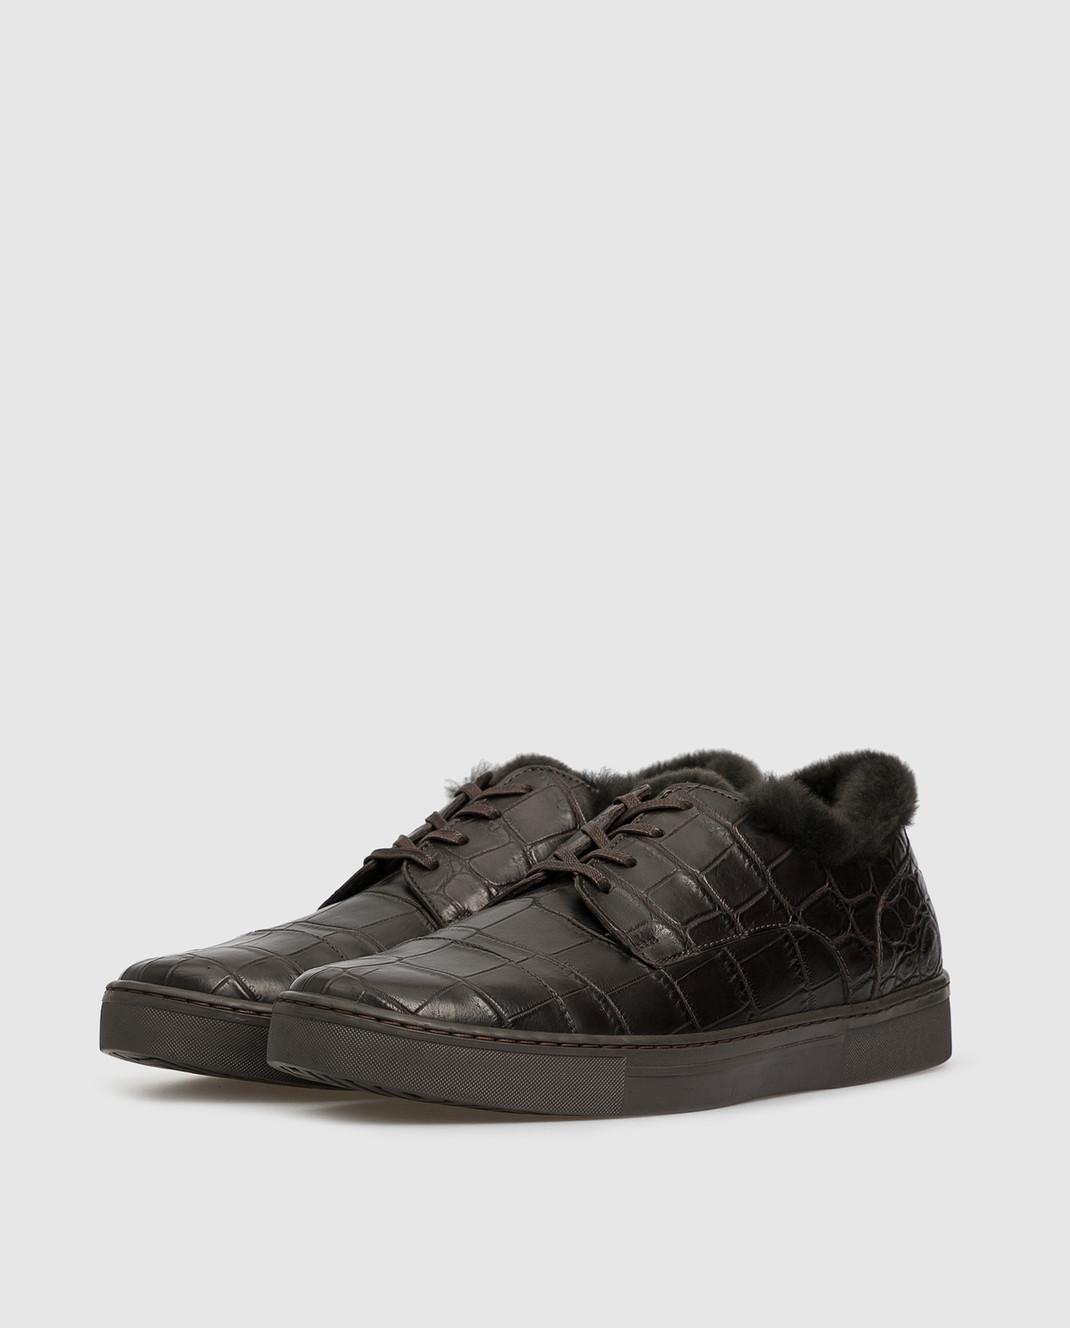 Del Dami Темно-коричневые ботинки из кожи крокодила на меху 3604 изображение 3